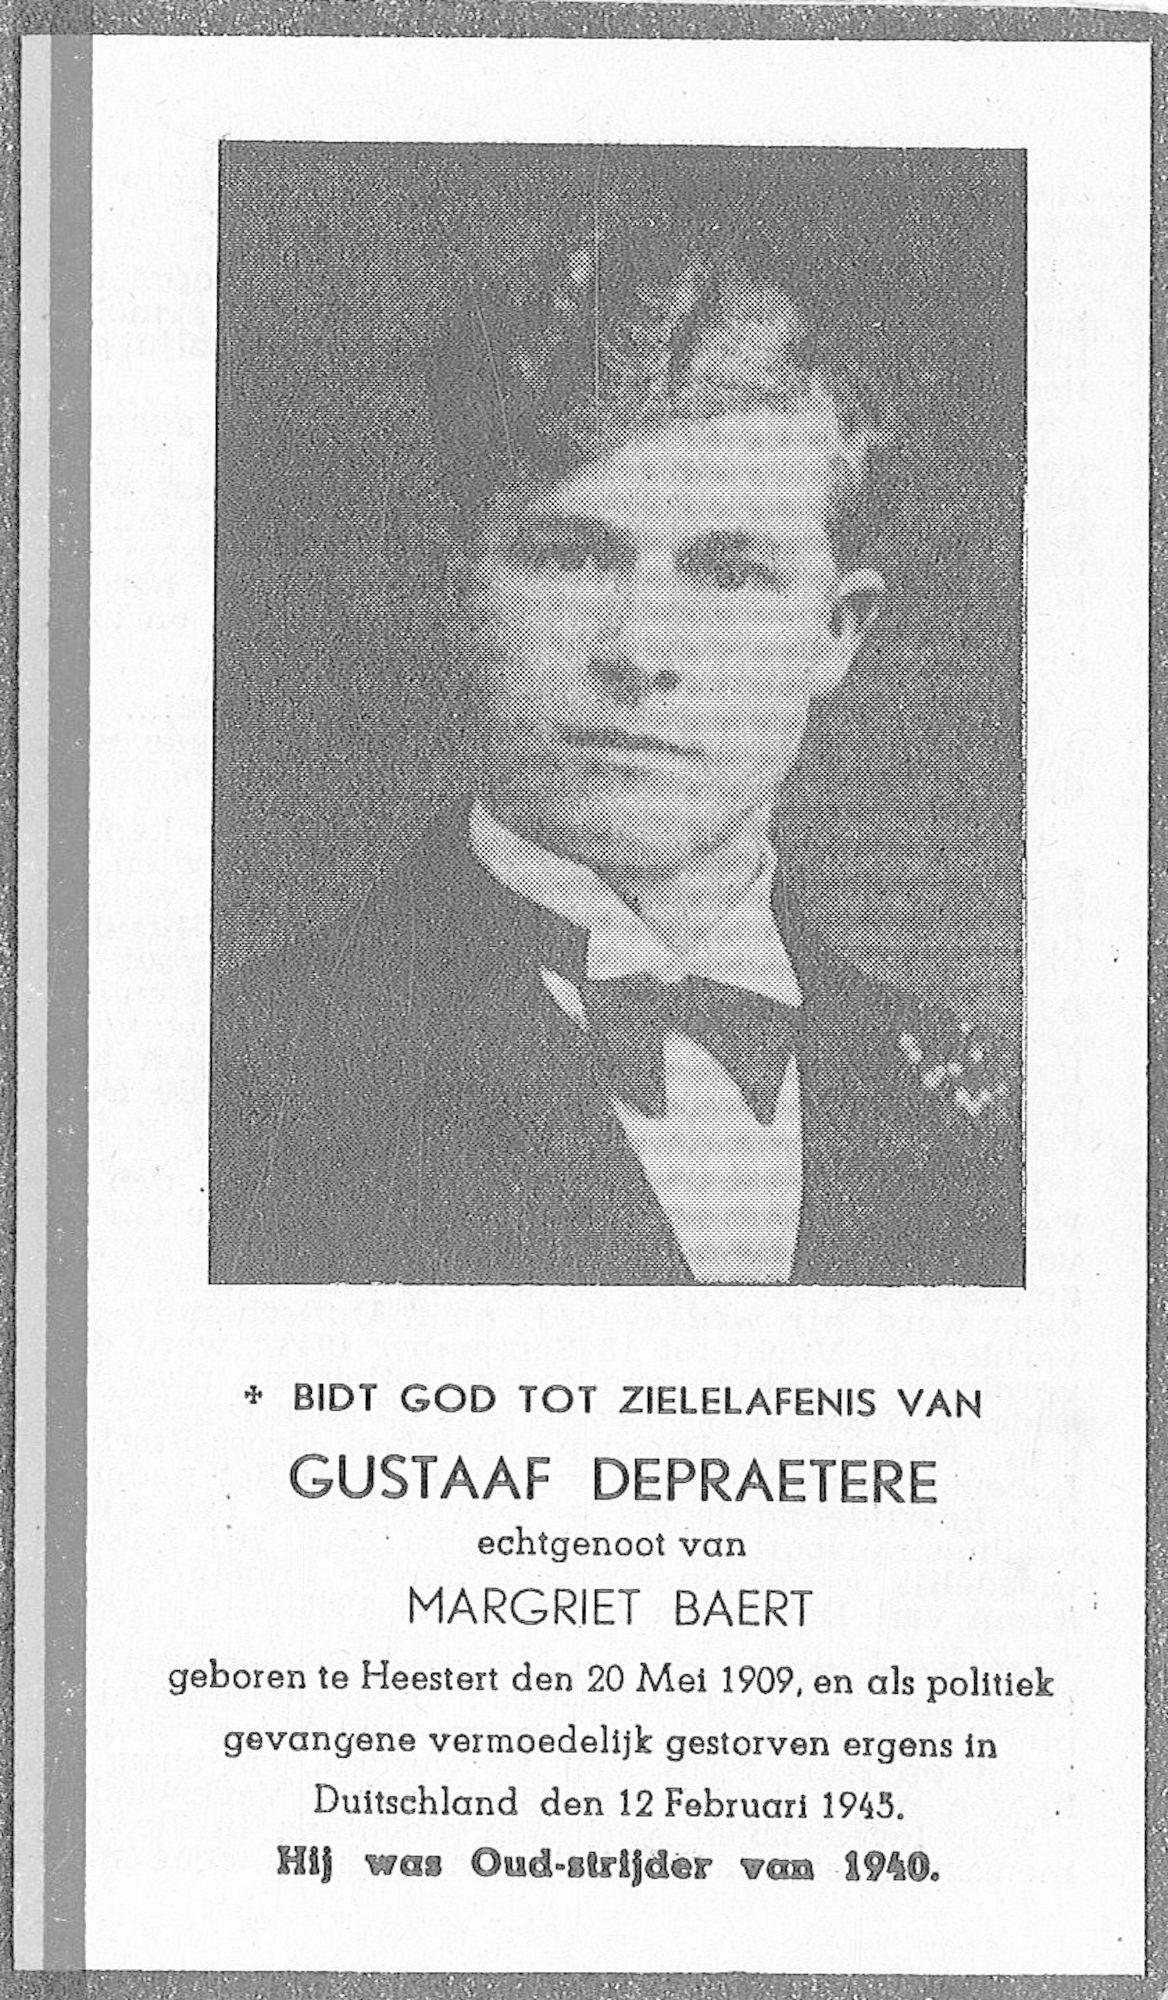 Gustaaf Depraetere